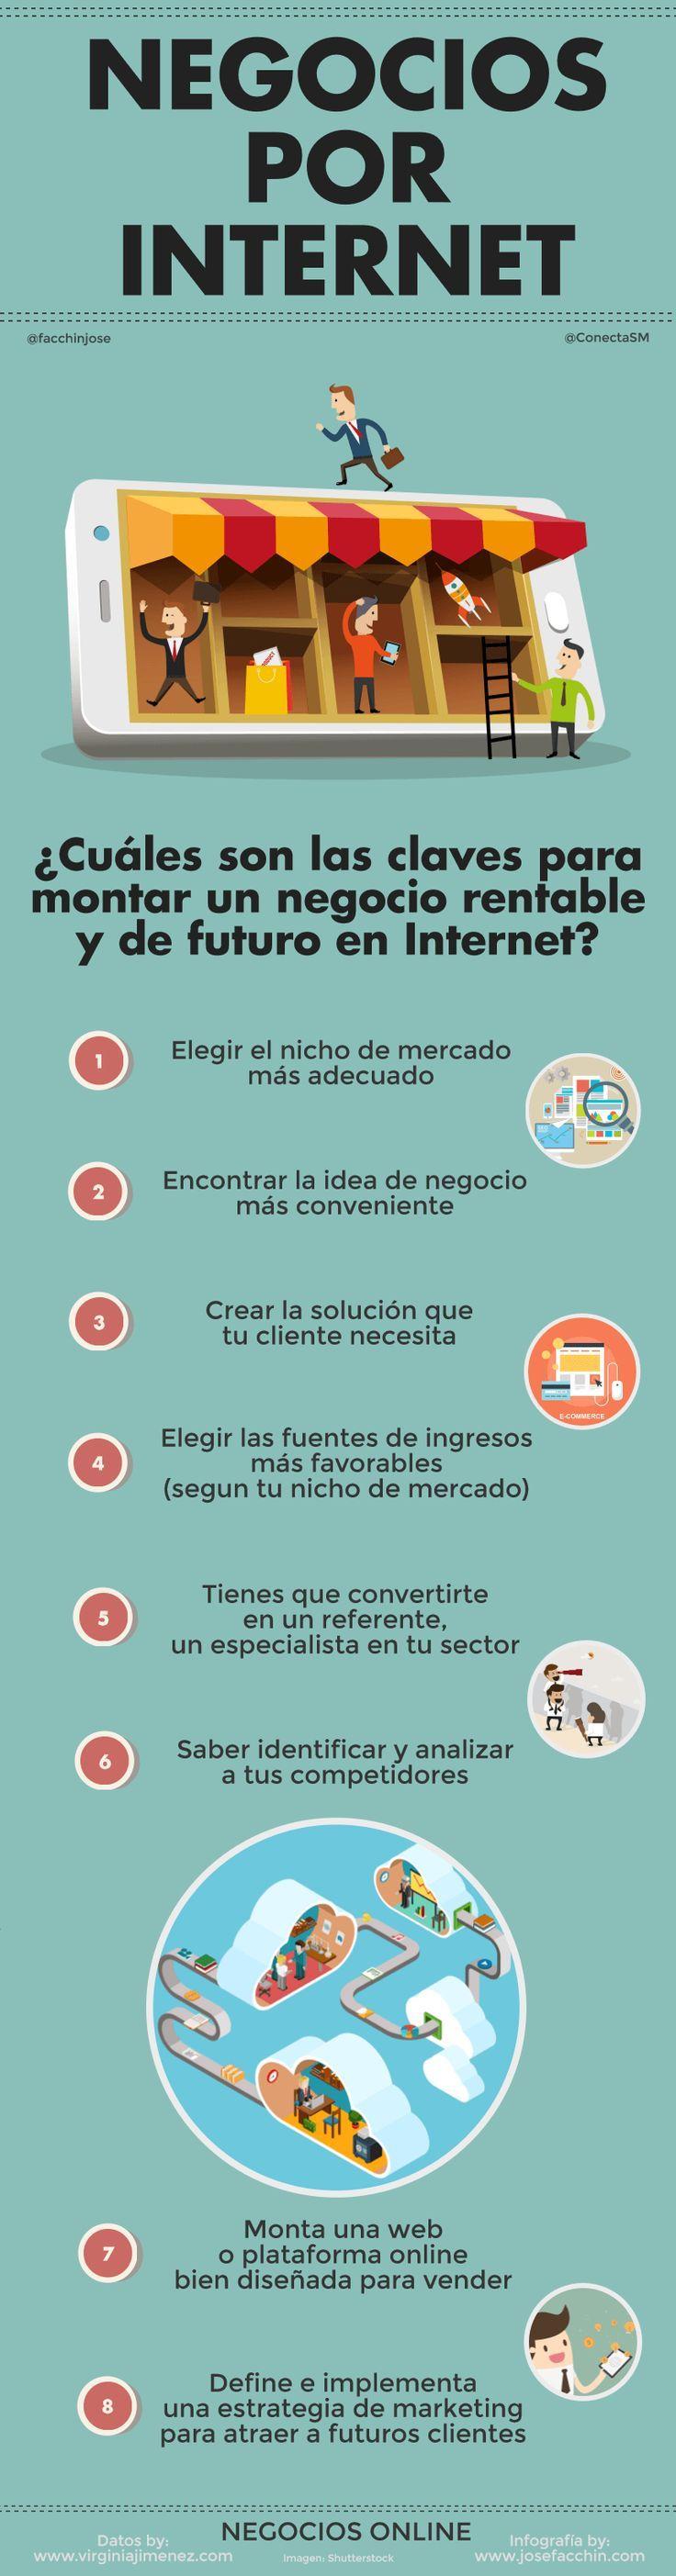 ¿Cuáles son las claves para montar un negocio rentable en Internet? by /Virginiajimene/ y /josefacchin/